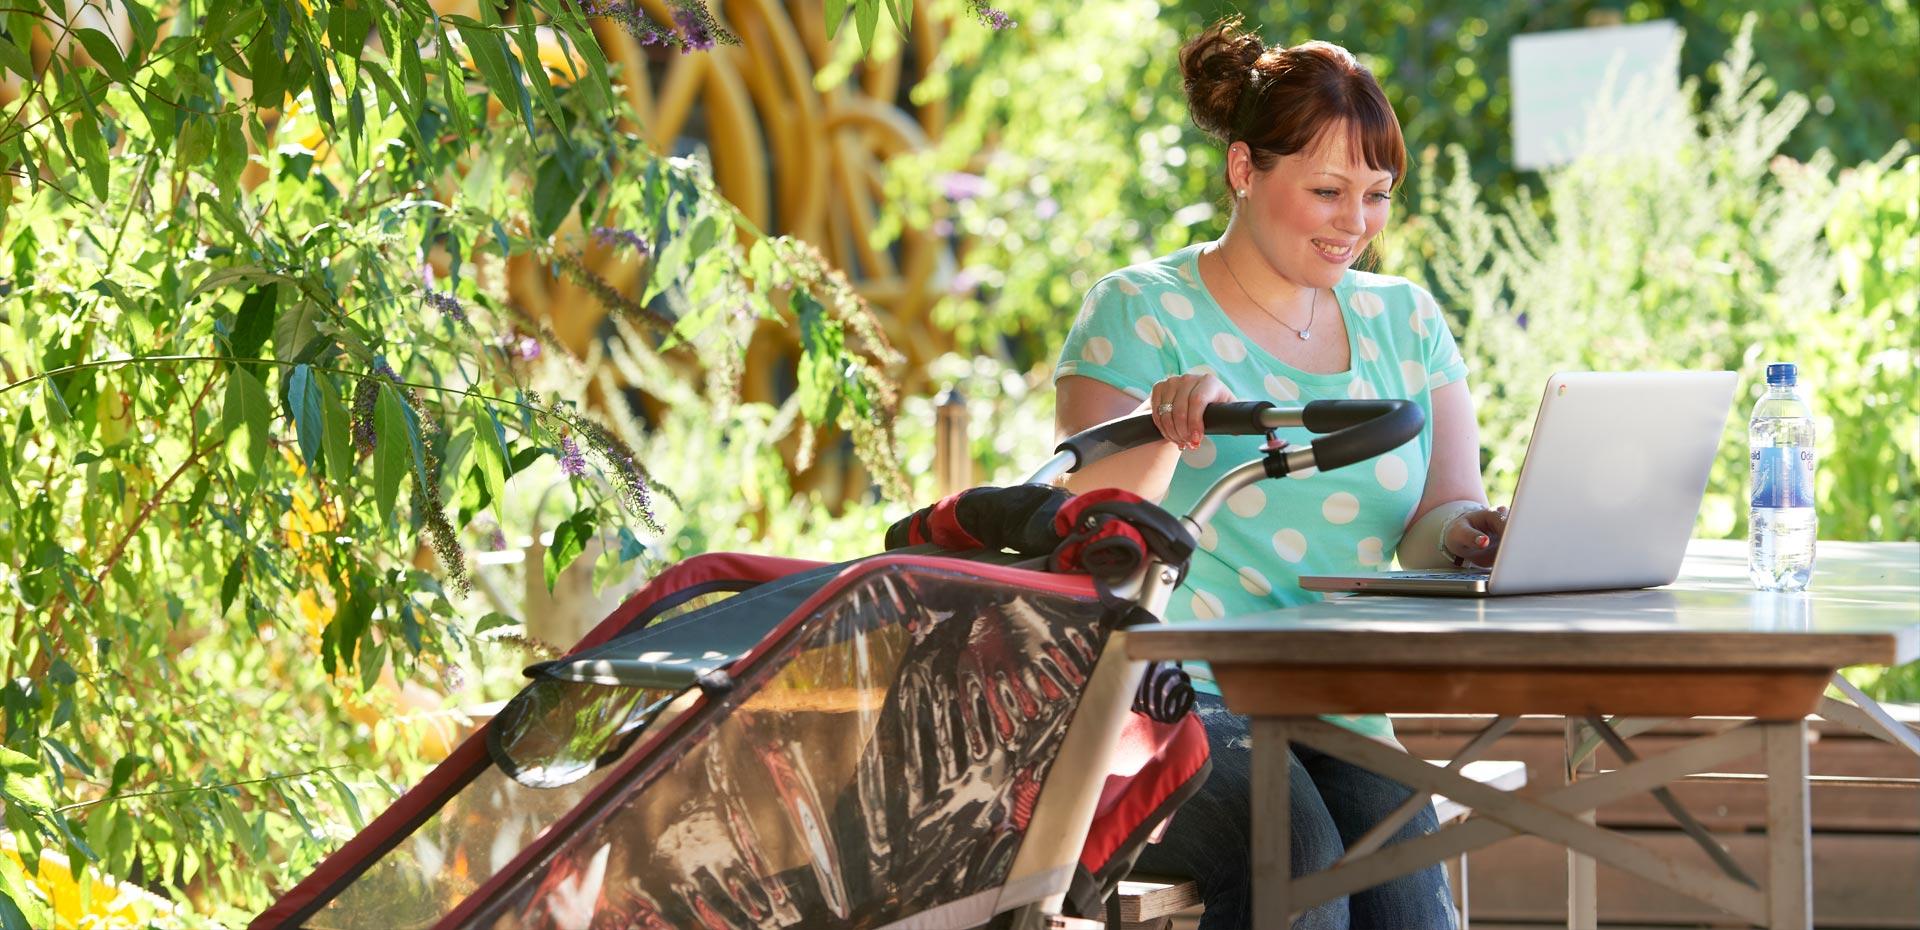 Junge Frau mit Kinderwagen und einem Laptop